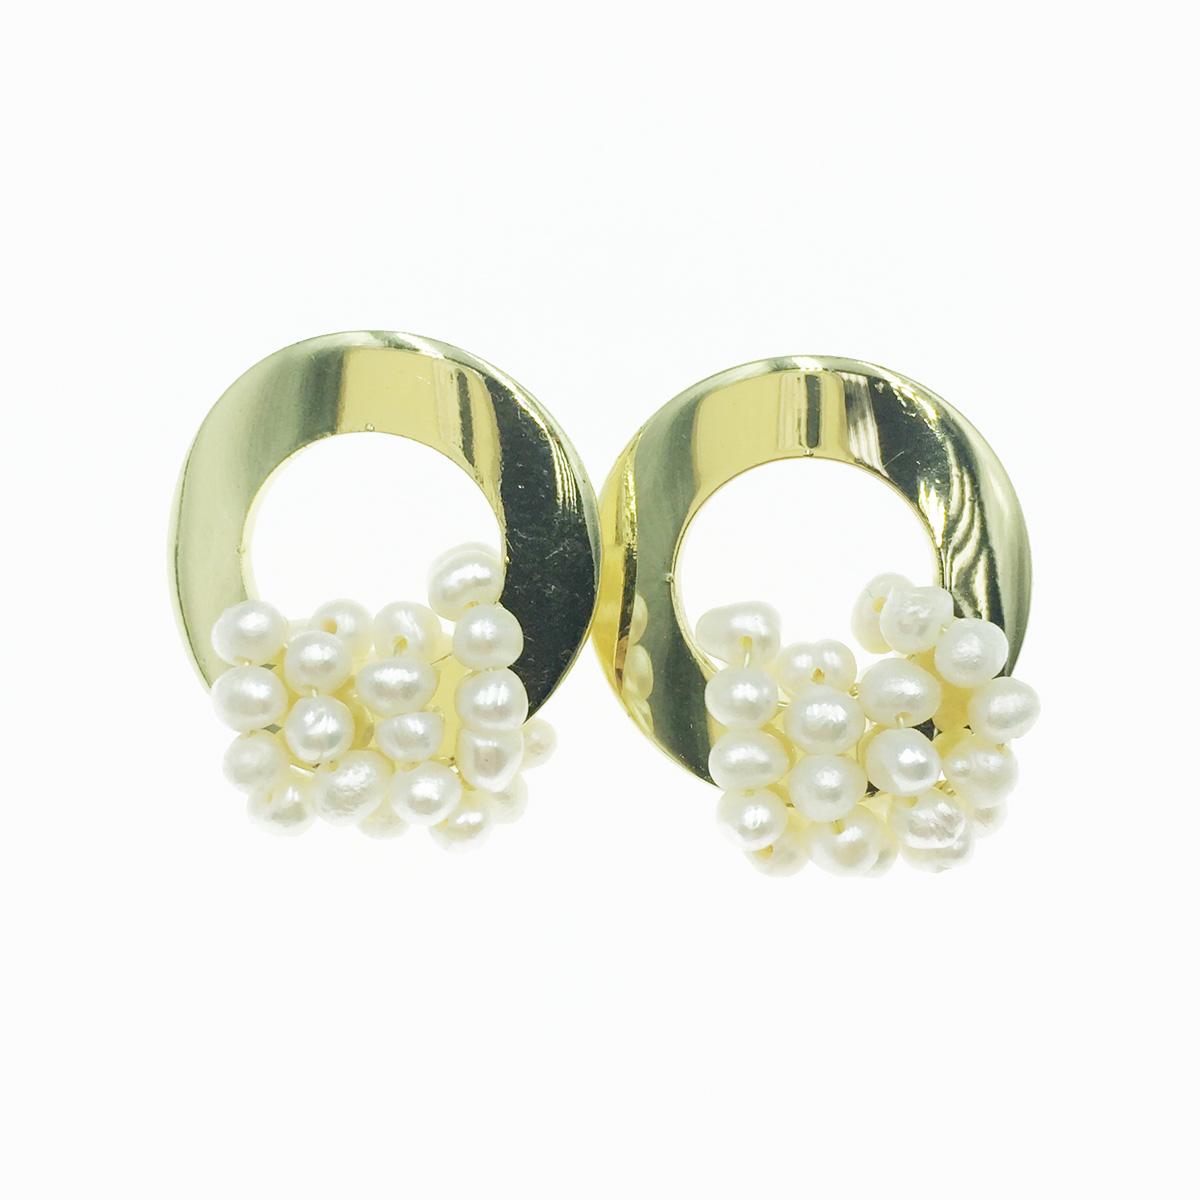 韓國 925純銀 簍空金圓圈 氣質珍珠 精緻 耳針式耳環